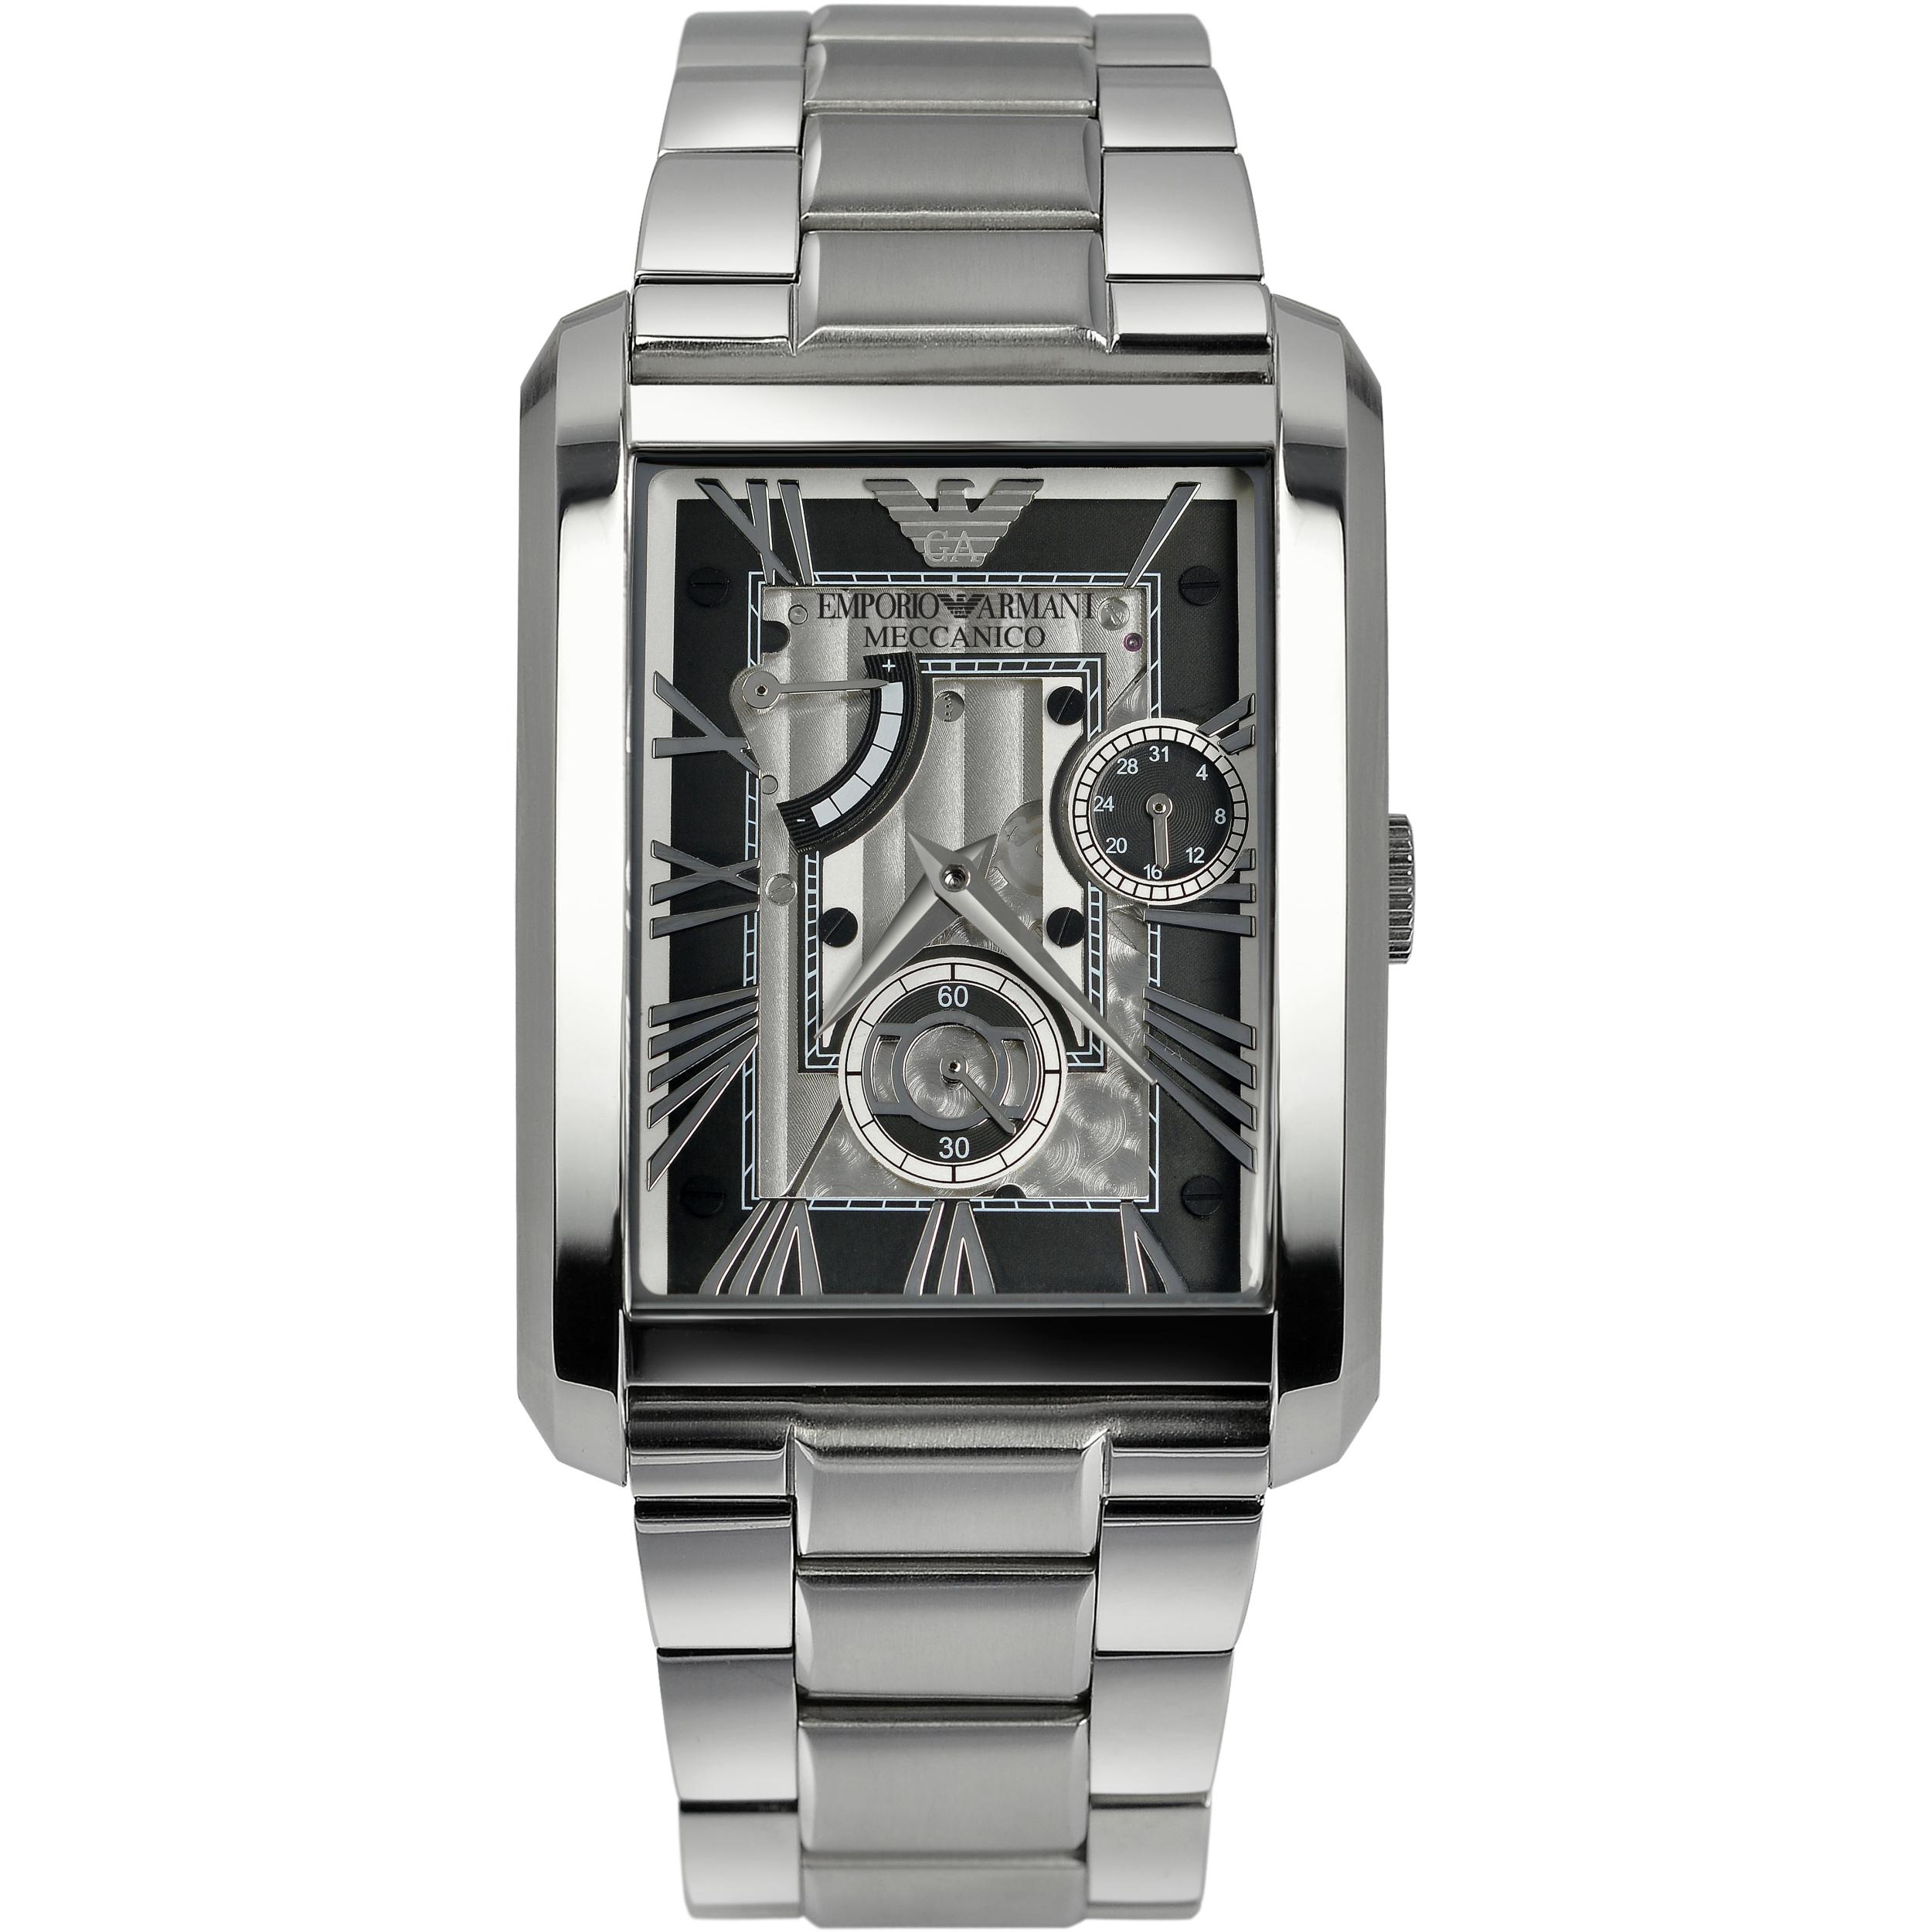 206c36882 Gents Emporio Armani Watch (AR4246)   WatchShop.com™